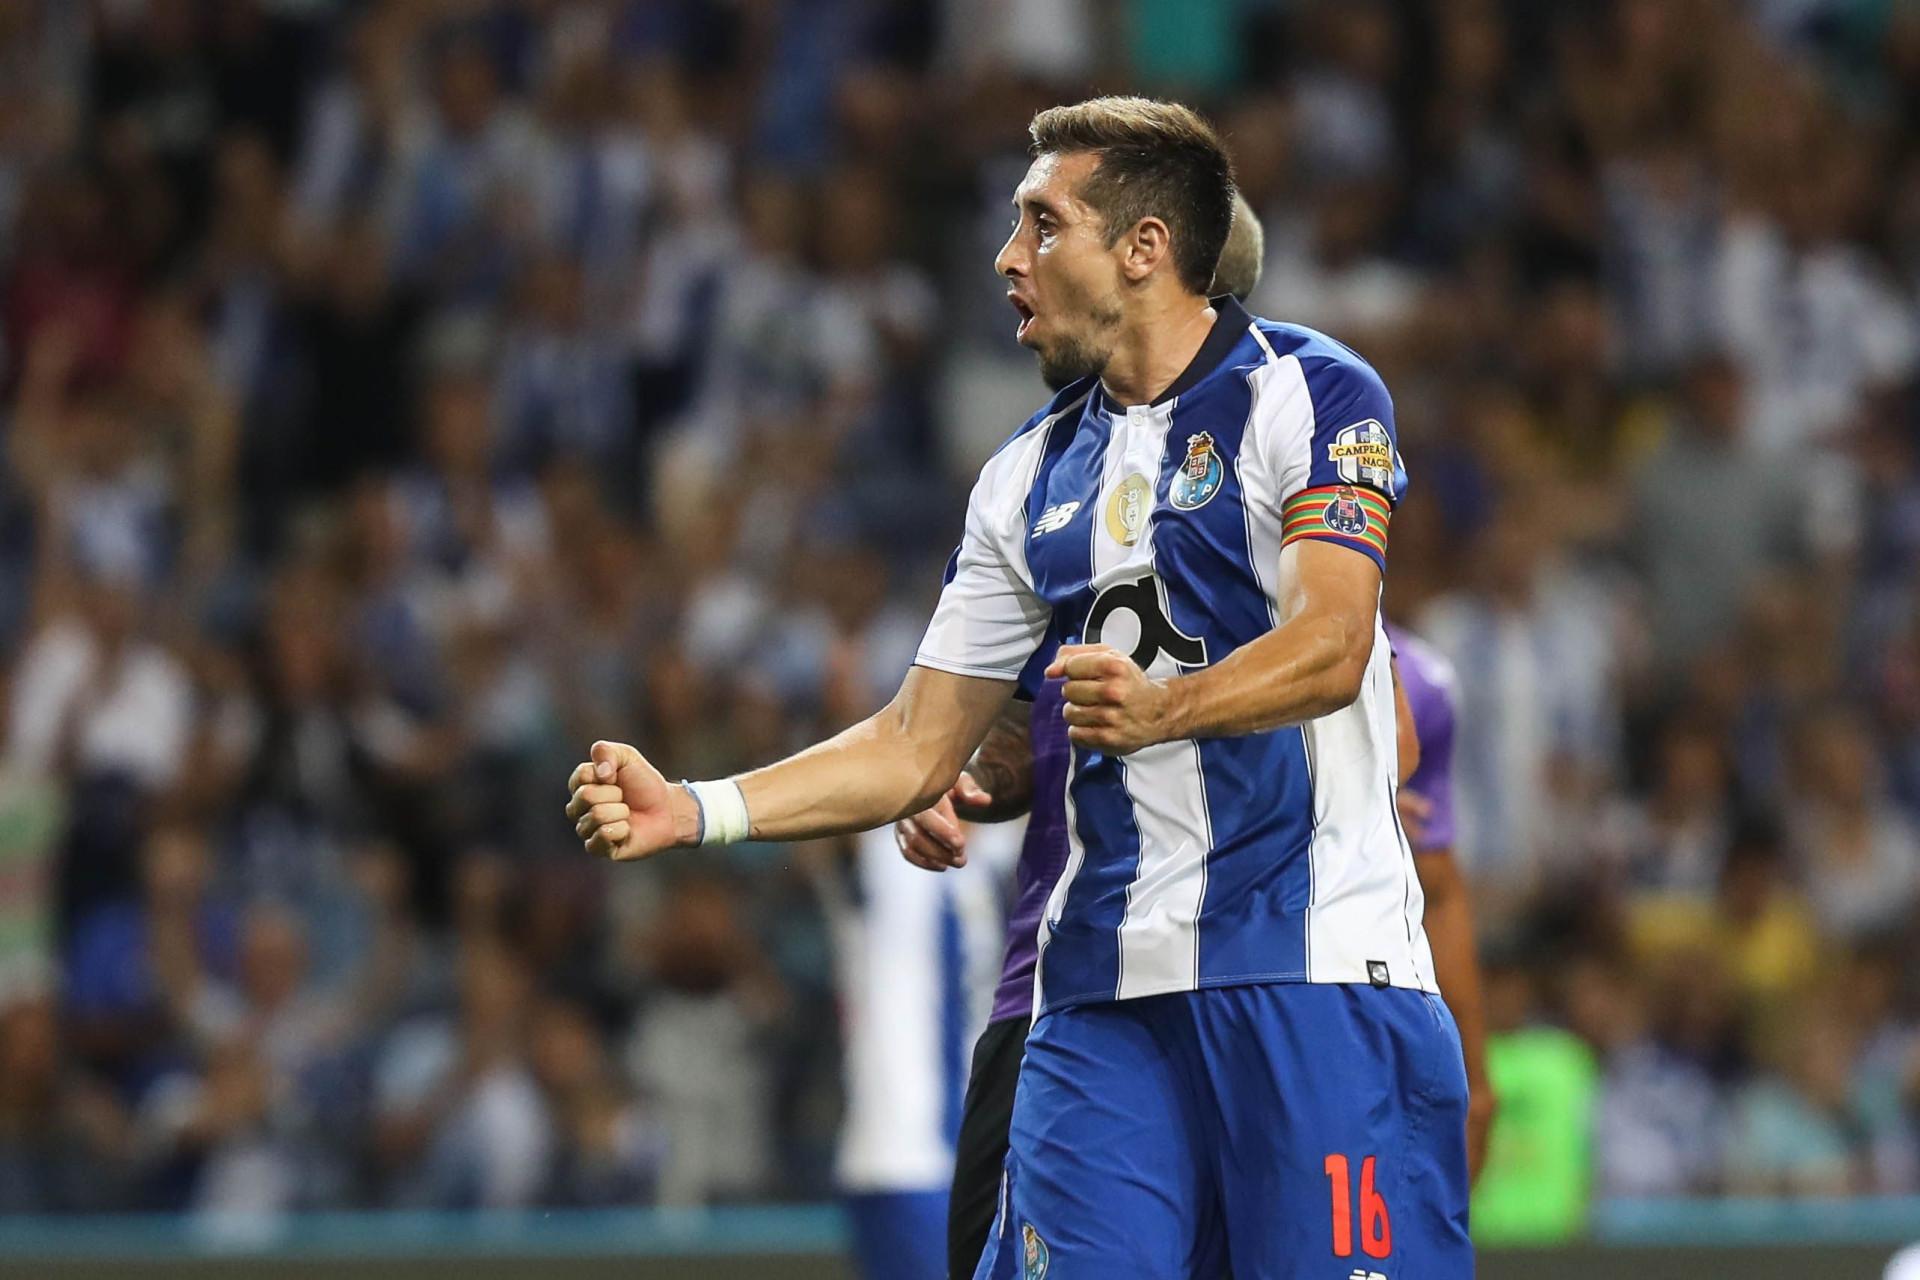 FC Porto e Sporting têm jogadores mais valiosos. Benfica longe dos rivais